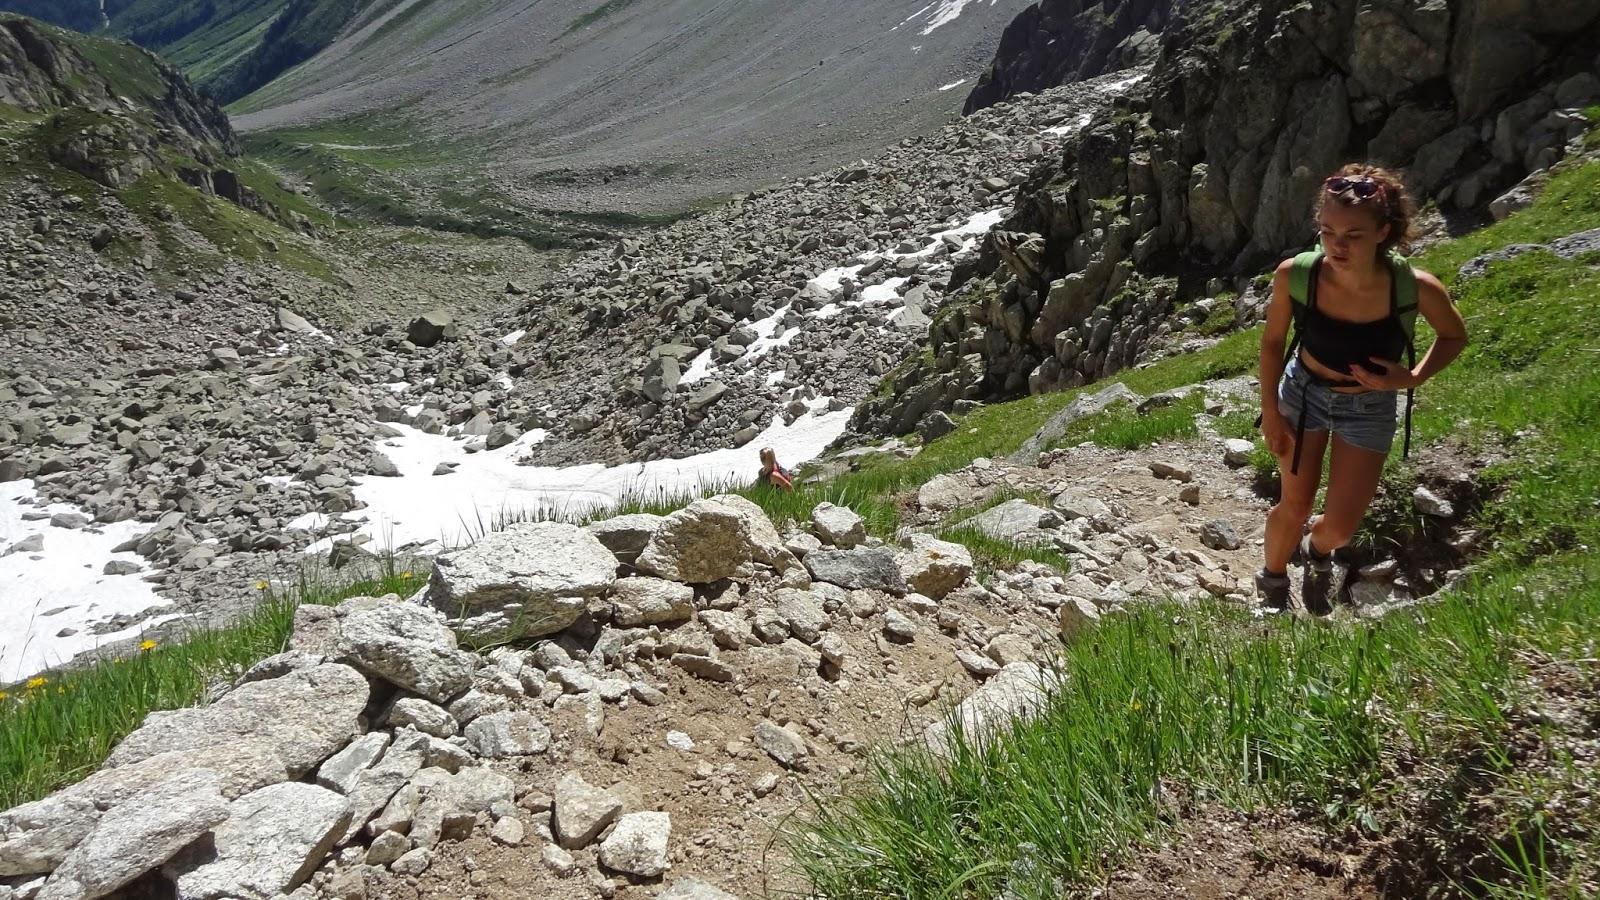 Le tour du mont blanc en solitaire for Fenetre d arpette